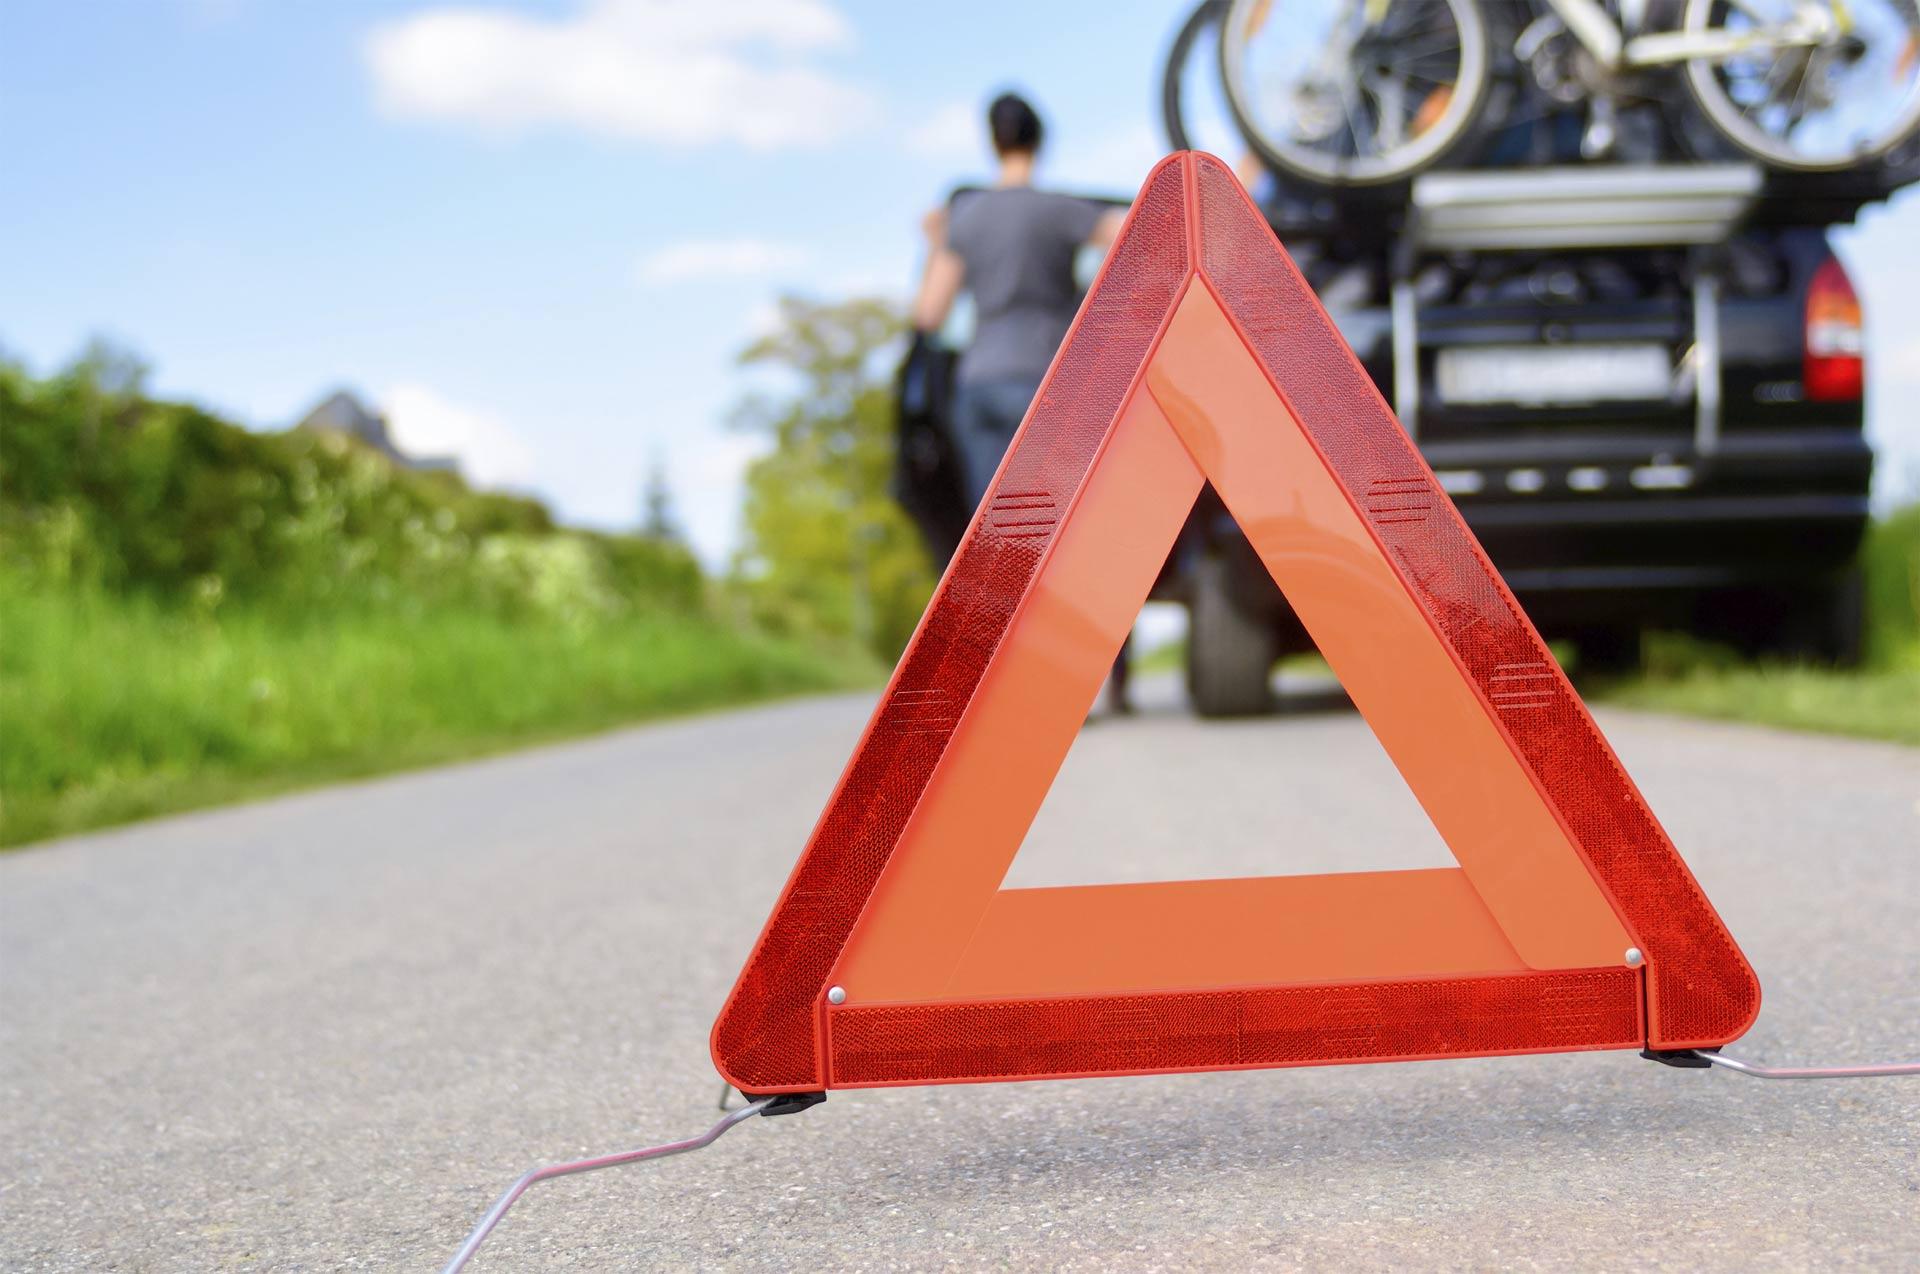 Antes de lanzarte a la carretera durante largas horas, asegúrate de que tu carro está en óptimas condiciones